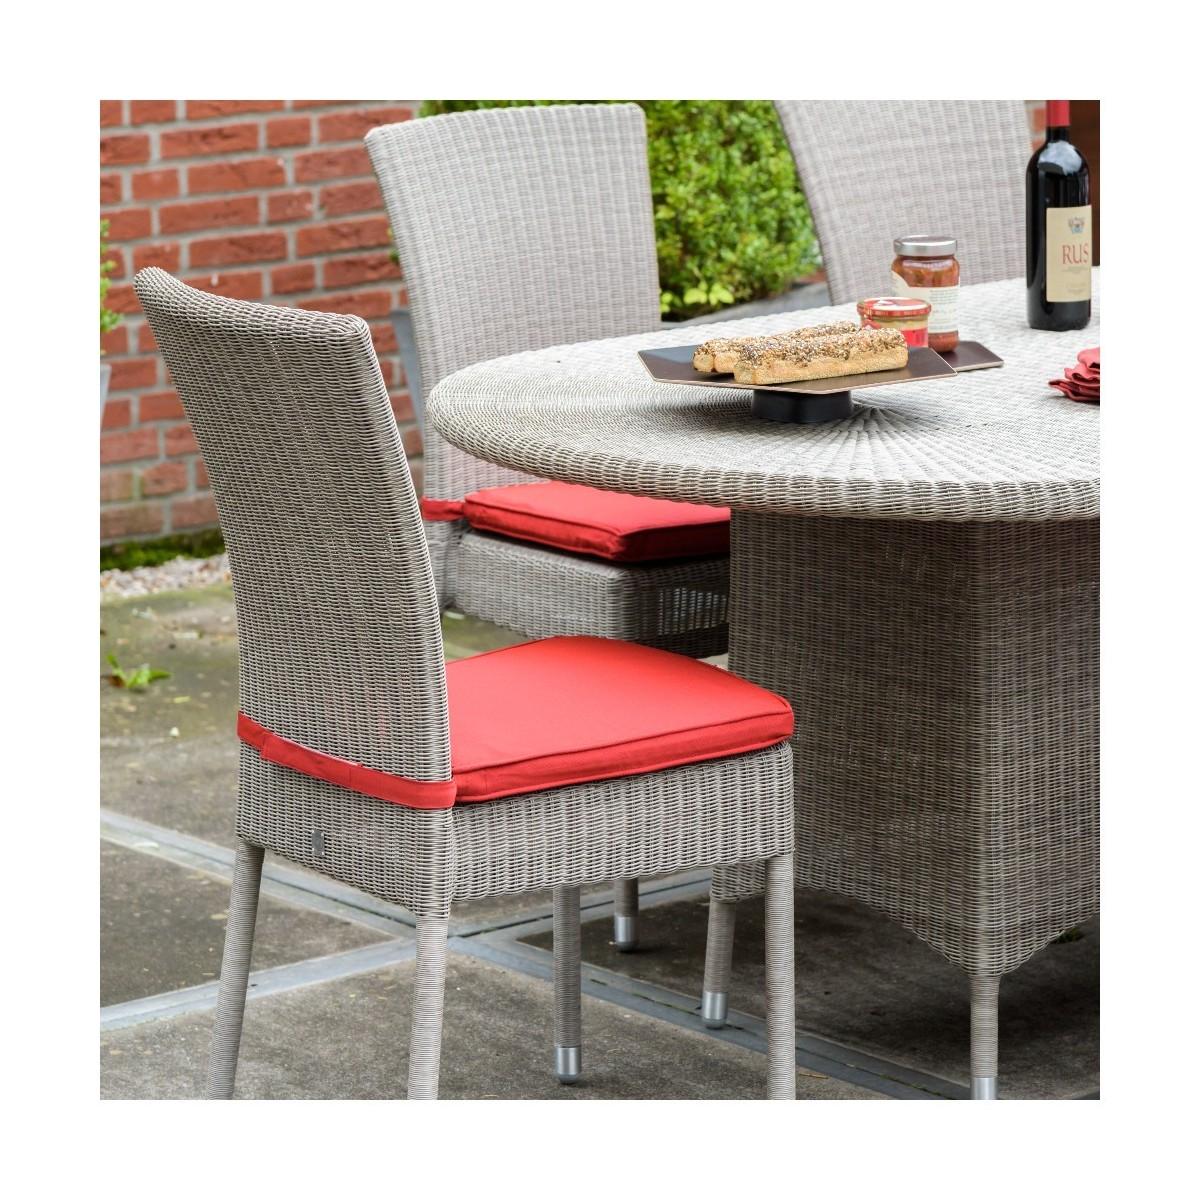 coussin de chaise isabelle en r sine coloris rouge. Black Bedroom Furniture Sets. Home Design Ideas